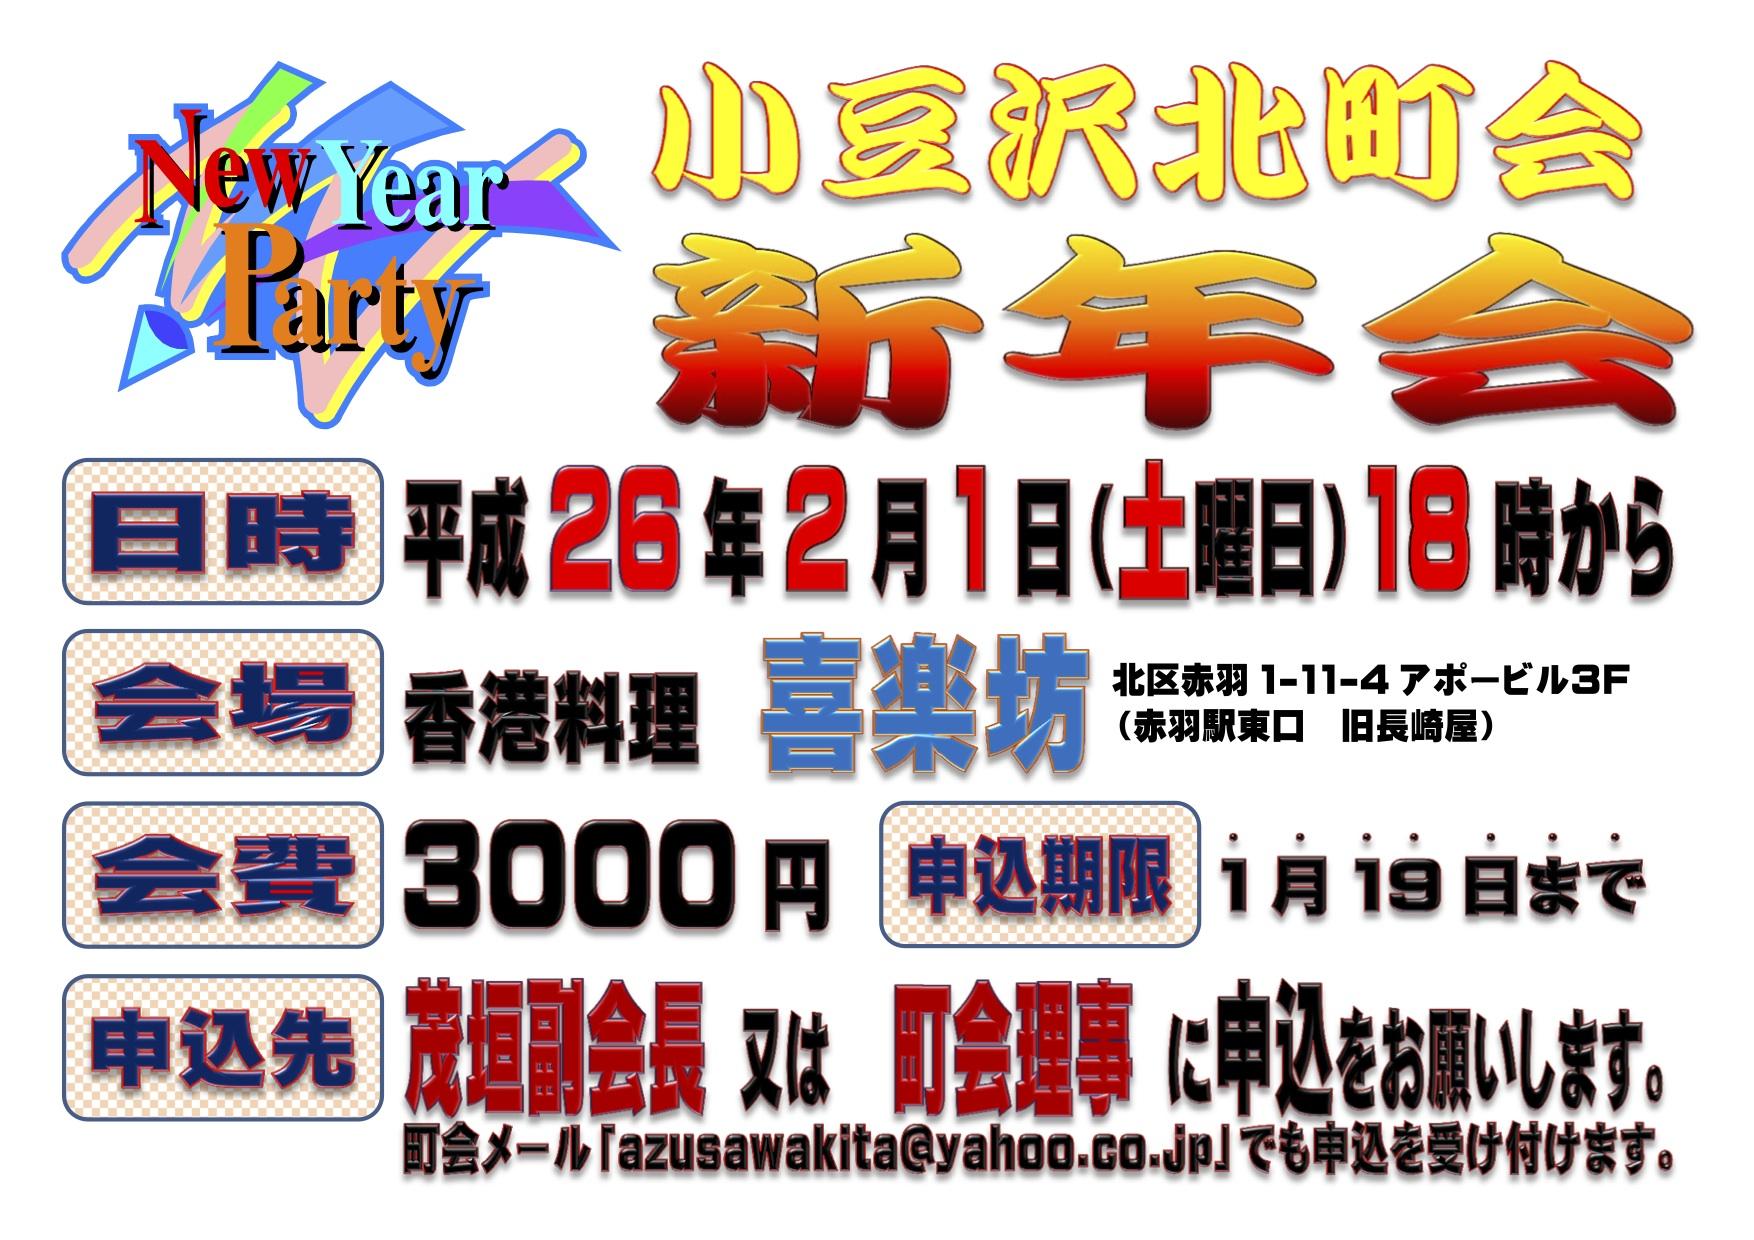 2014年小豆沢北町会新年会ポスター